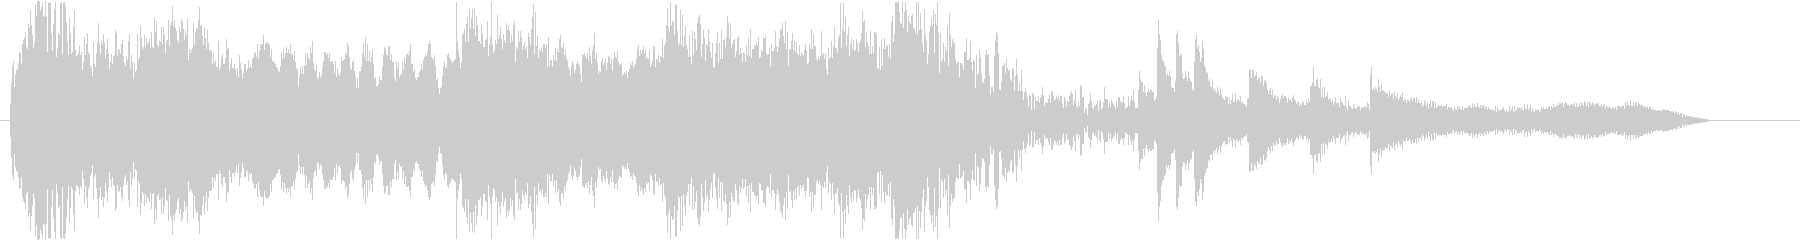 尺八を使用したオープニング曲の未再生の波形